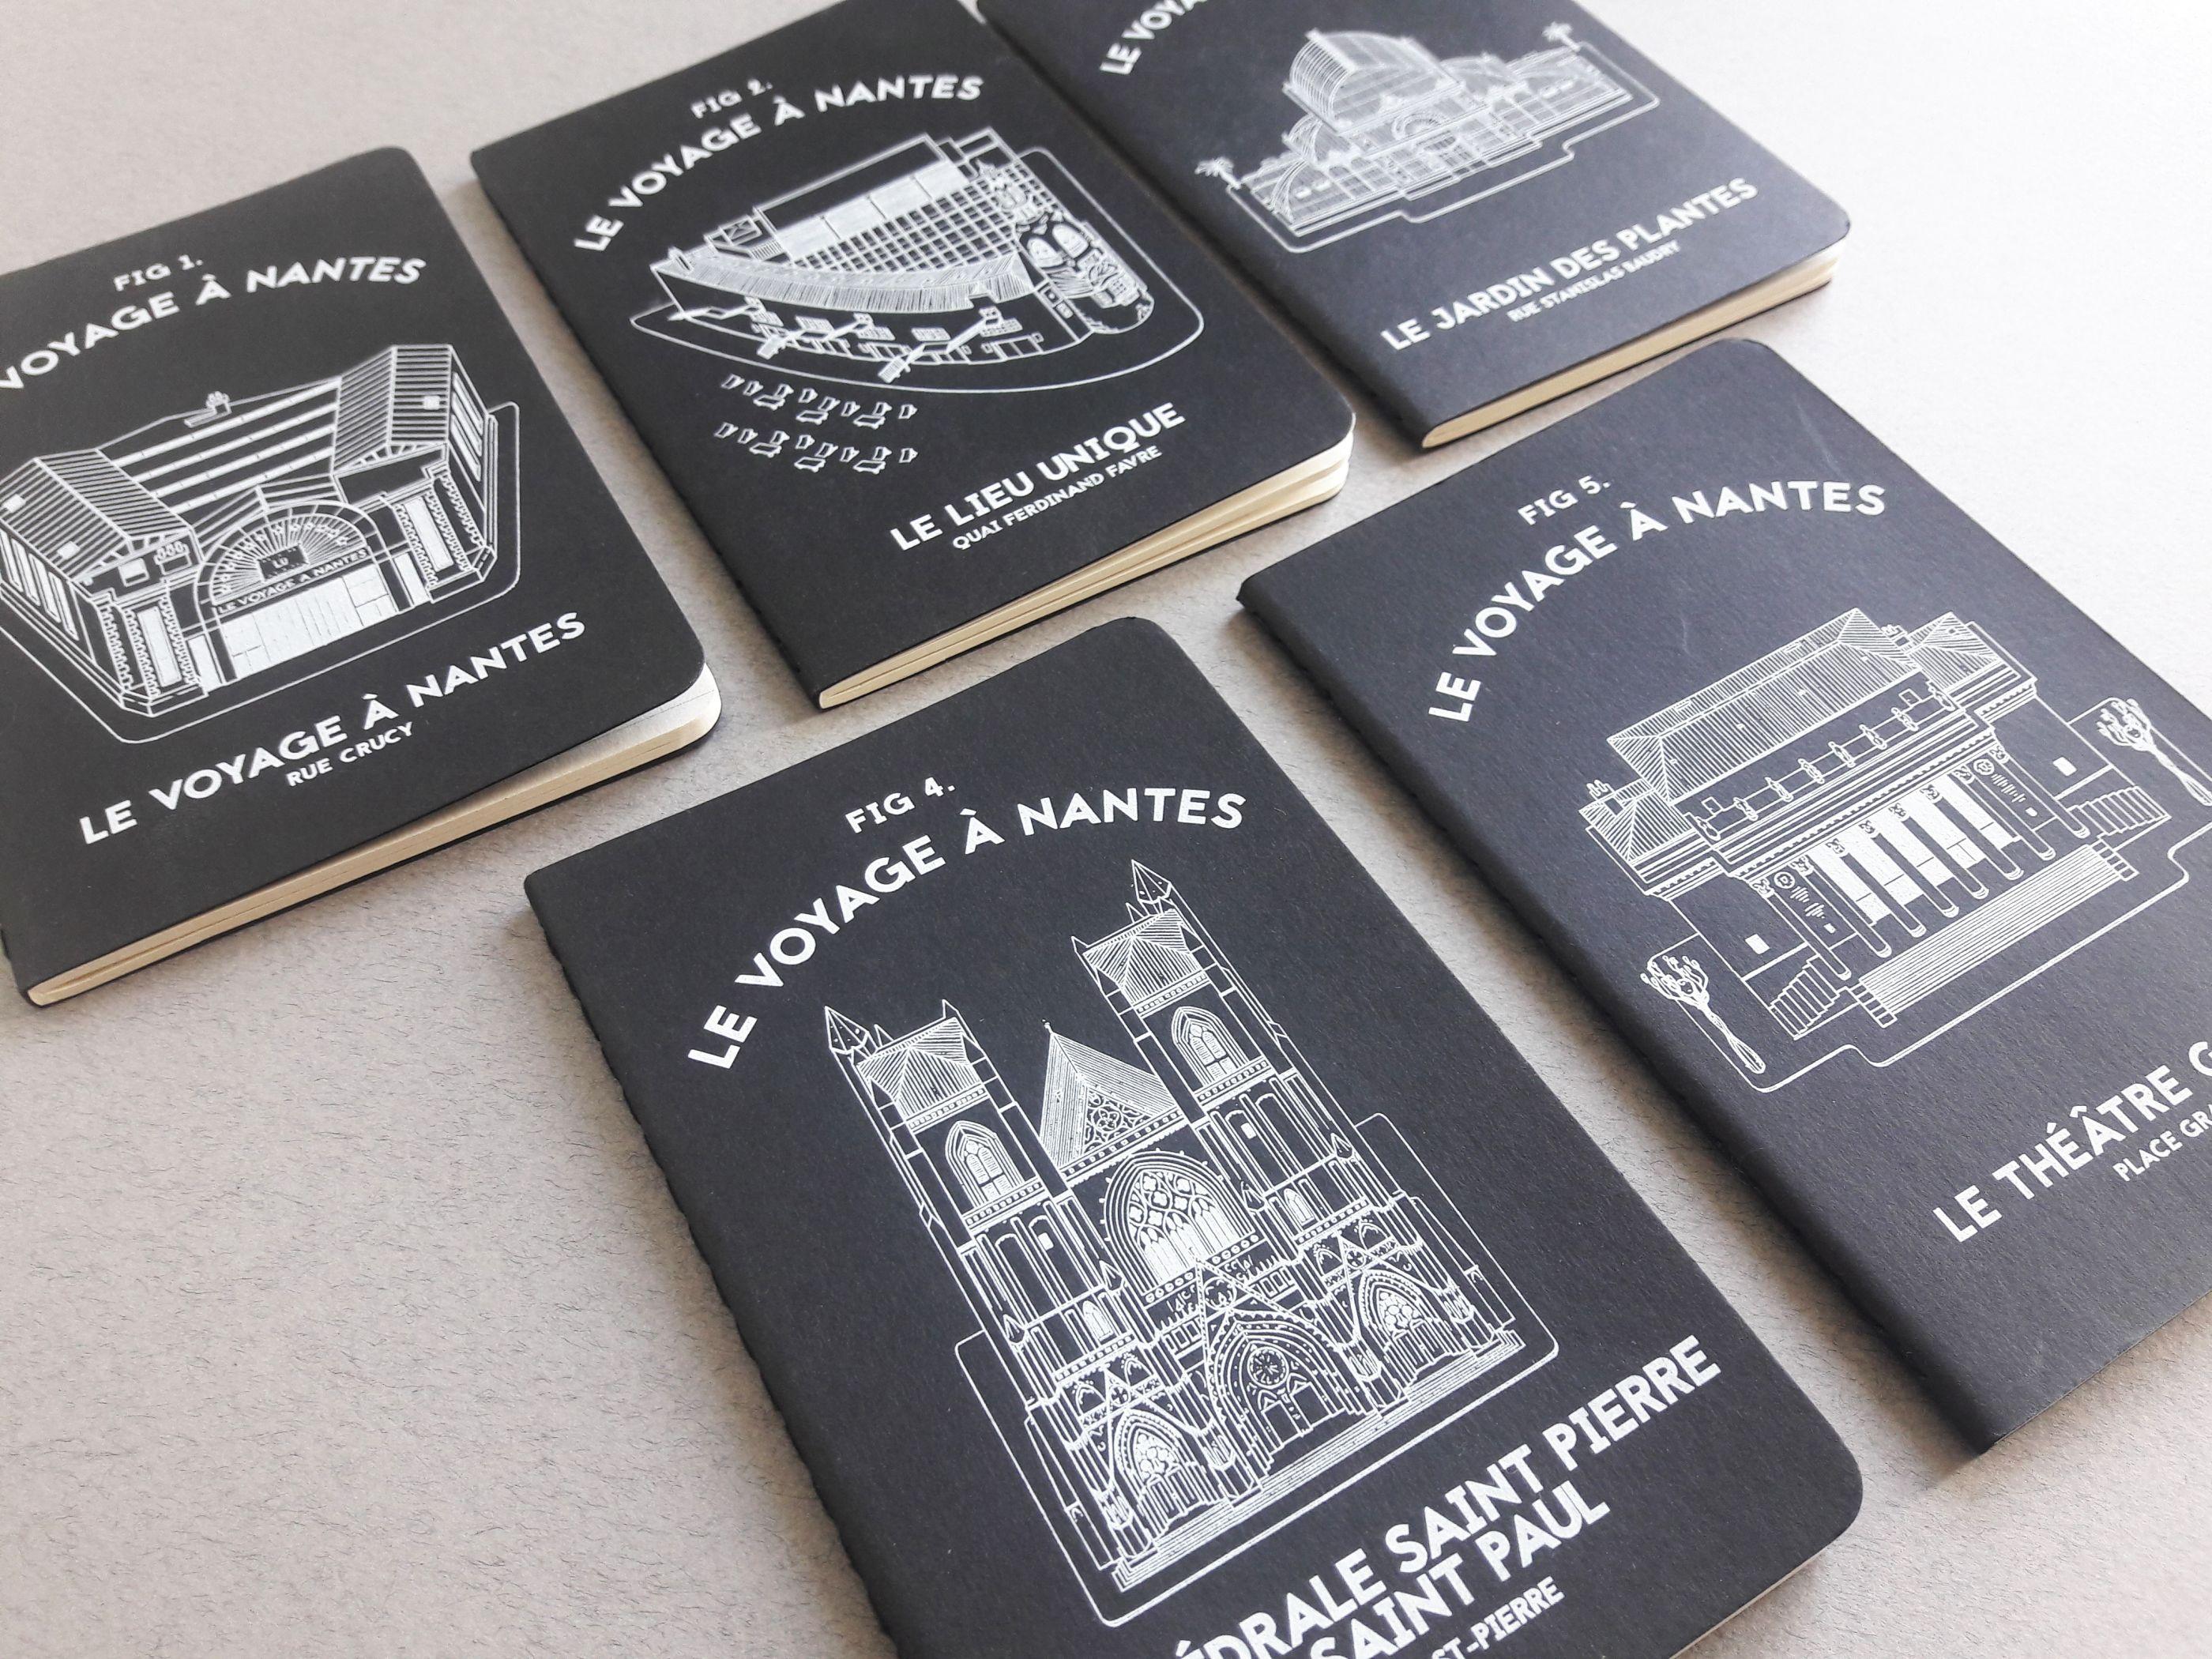 Moleskine LVAN le voyage à nantes Docteur Paper Tourisme Nantes City illustration illustrateur